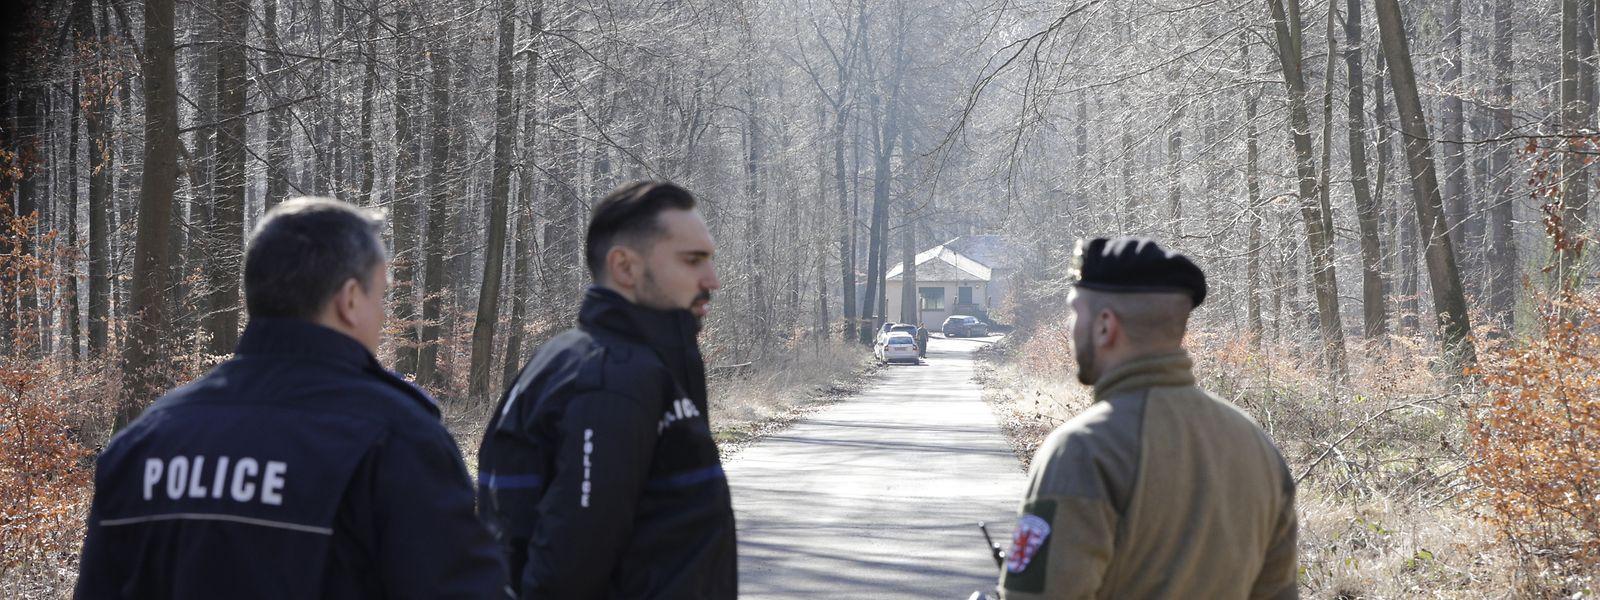 Das Lager ist zurzeit weiträumig abgesperrt, es werden keine Journalisten auf das Areal gelassen.